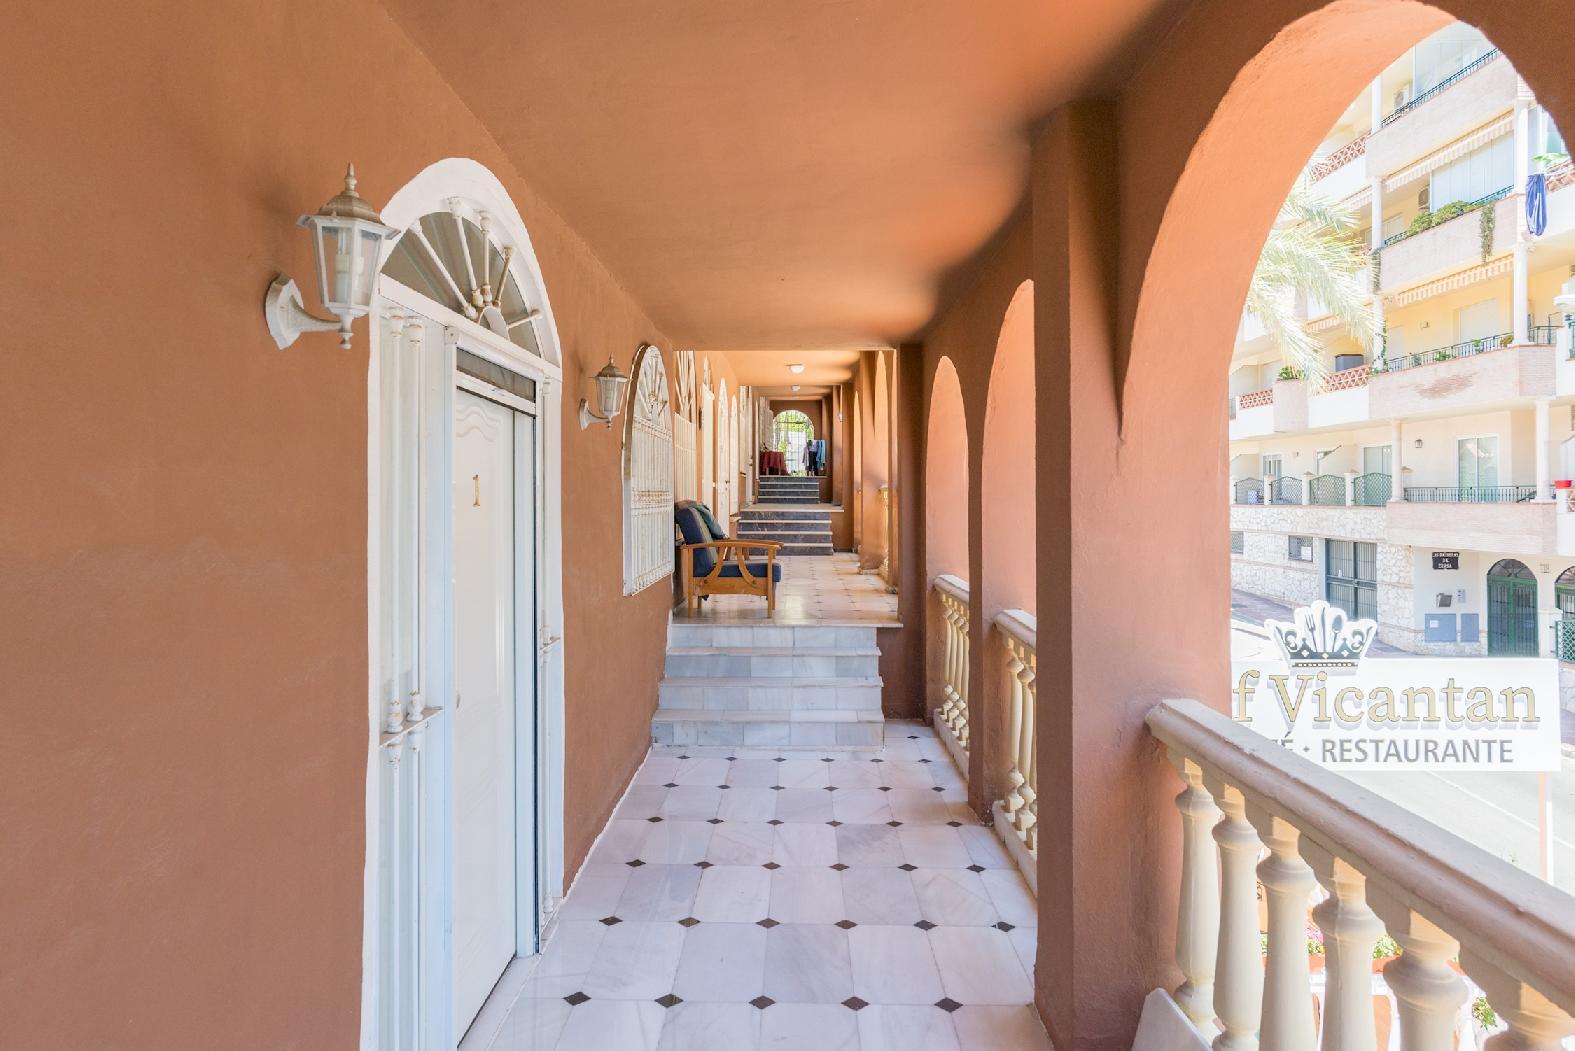 Apartment MalagaSuite Cozy Apartment in Benalmadena photo 14653460